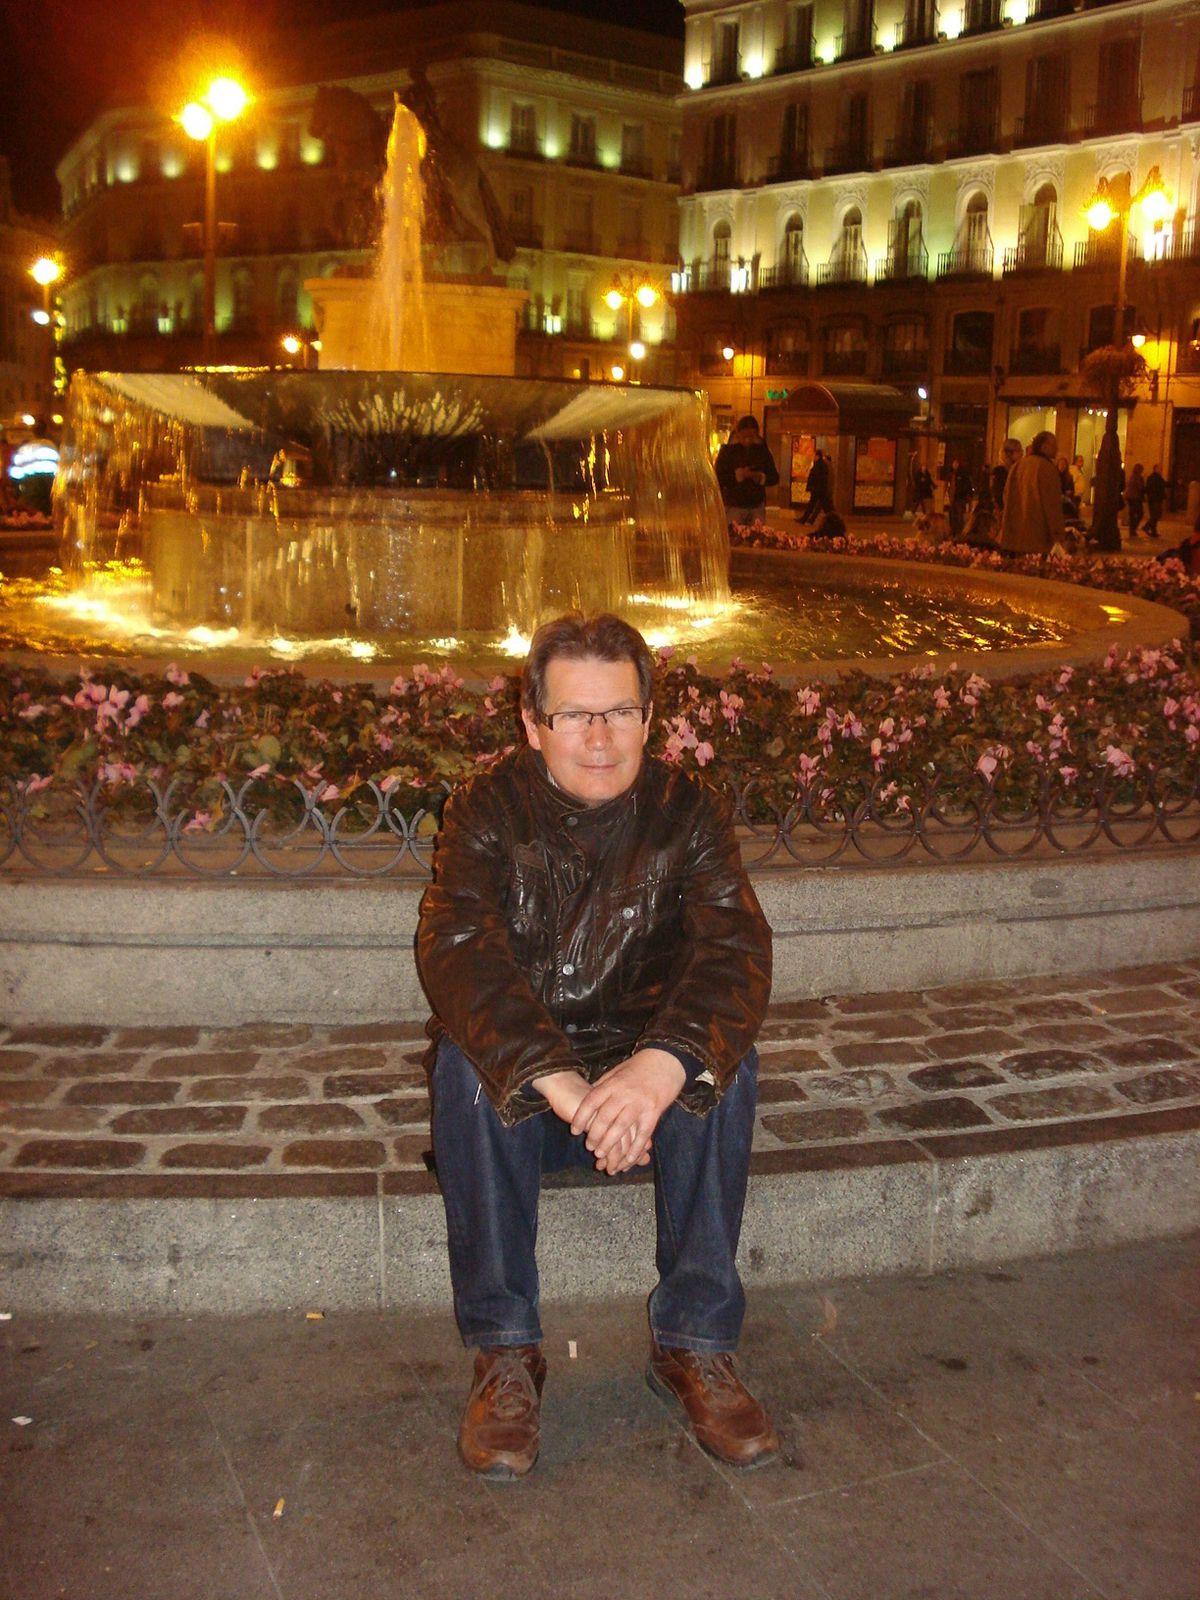 La photo est prise à Madrid, à la Puerta del Sol, haut lieu de résistance du mouvement des Indignés